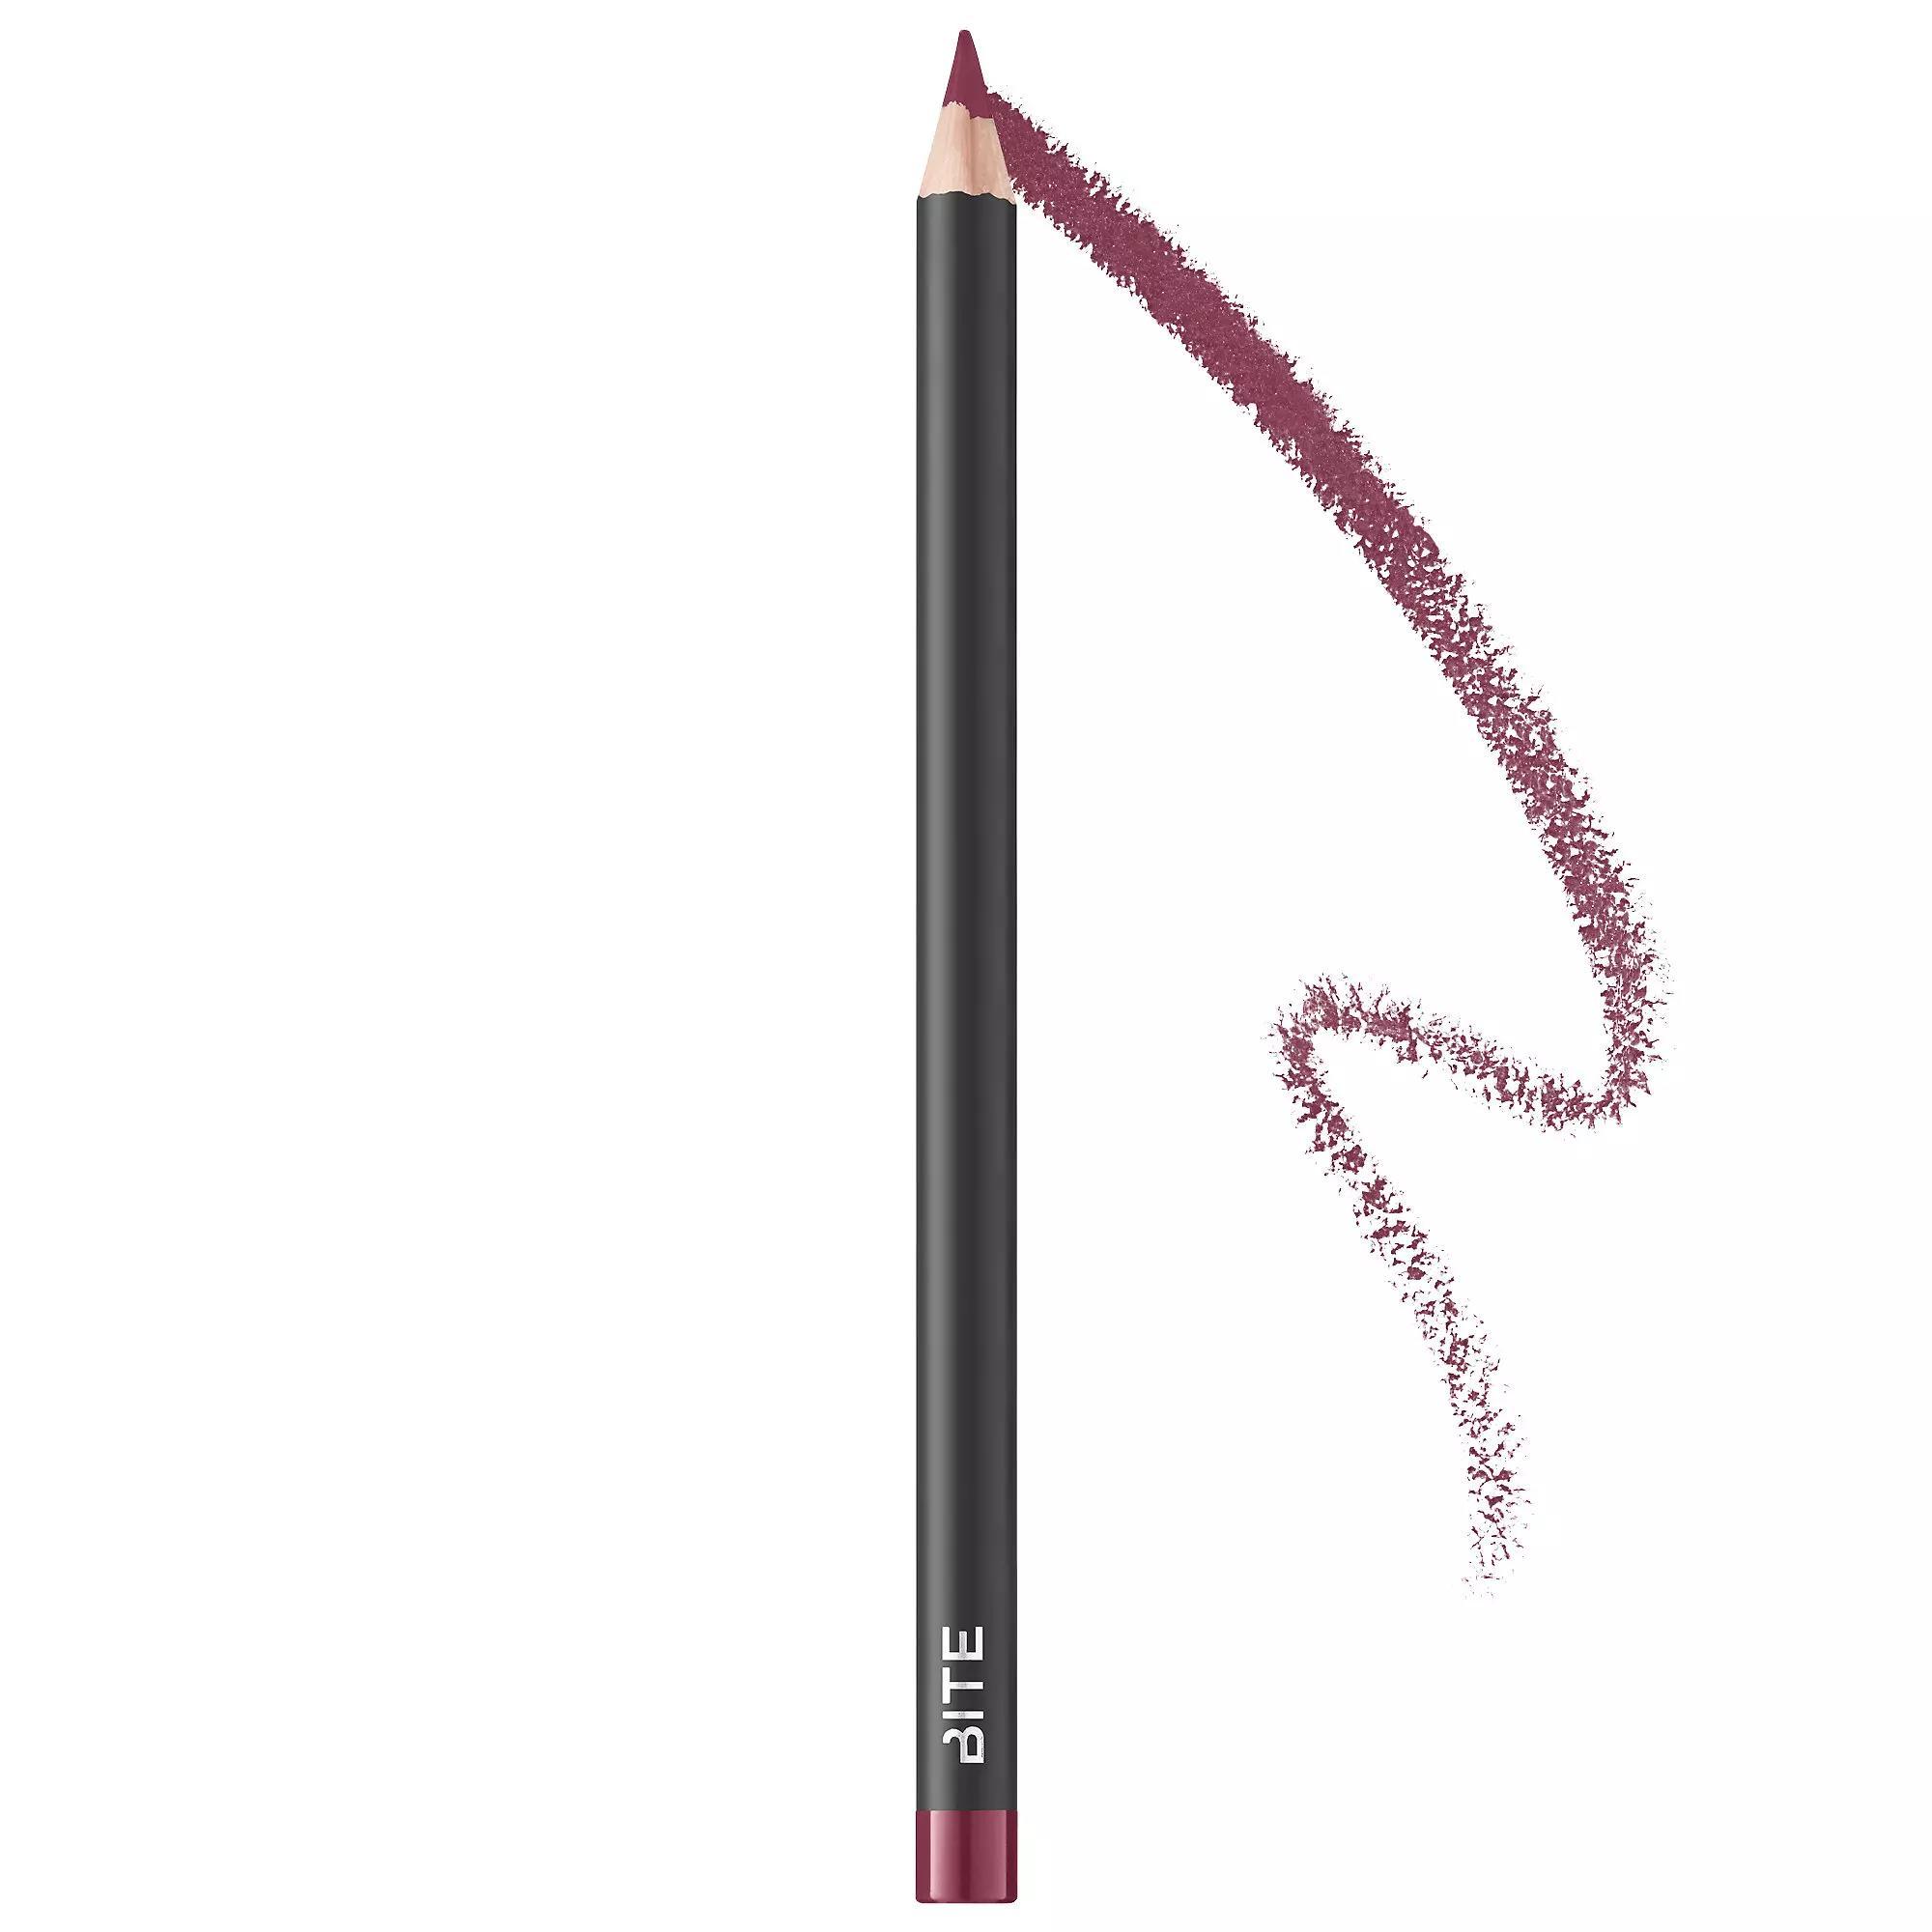 Bite Beauty The Lip Pencil Plum Rose 034 Mini